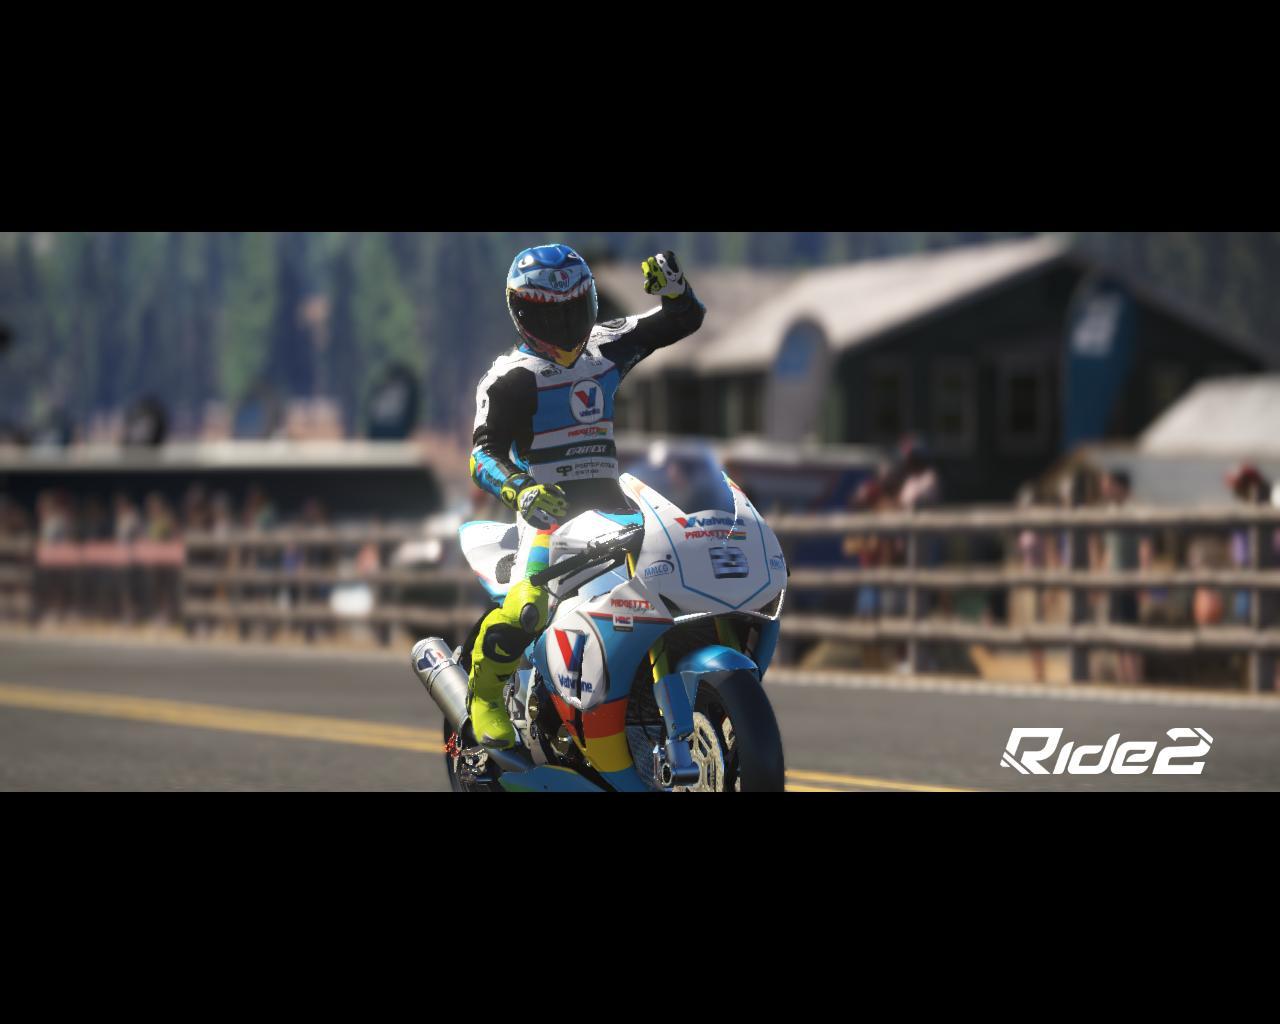 Ride2X64 2016-11-30 08-30-14-04.jpg